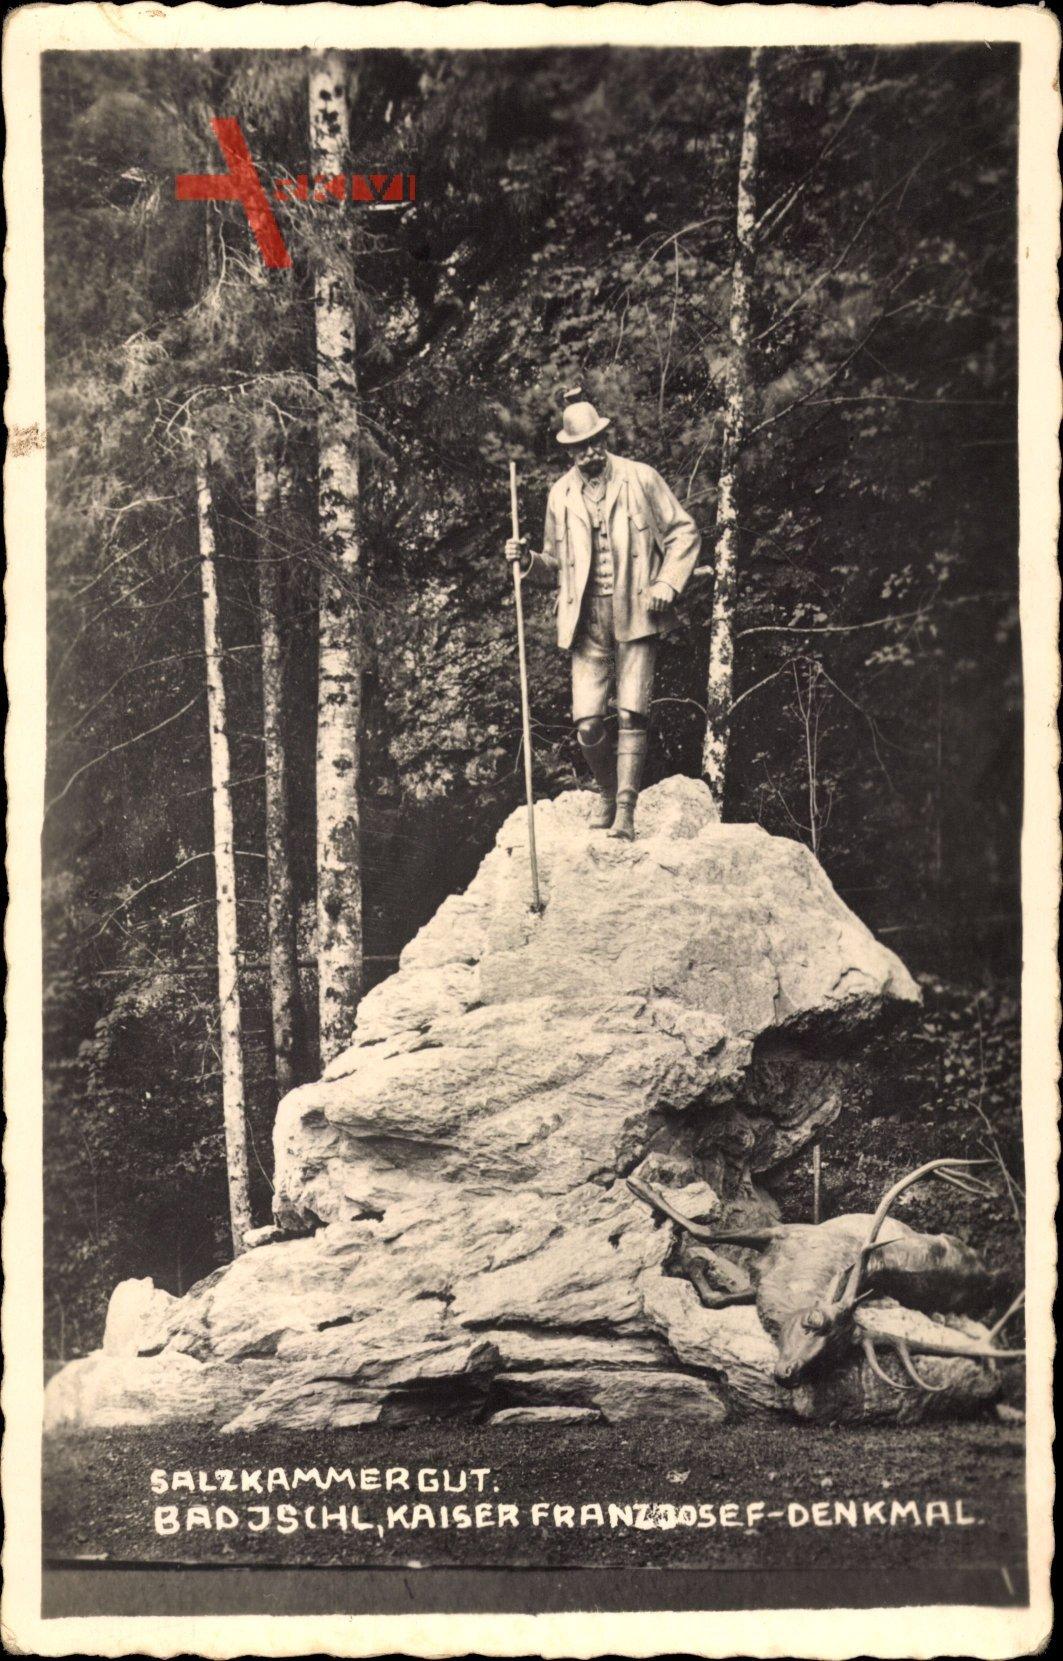 Bad Ischl Salzkammergut Oberösterreich, Blick auf Kaiser Franz Josef Denkmal